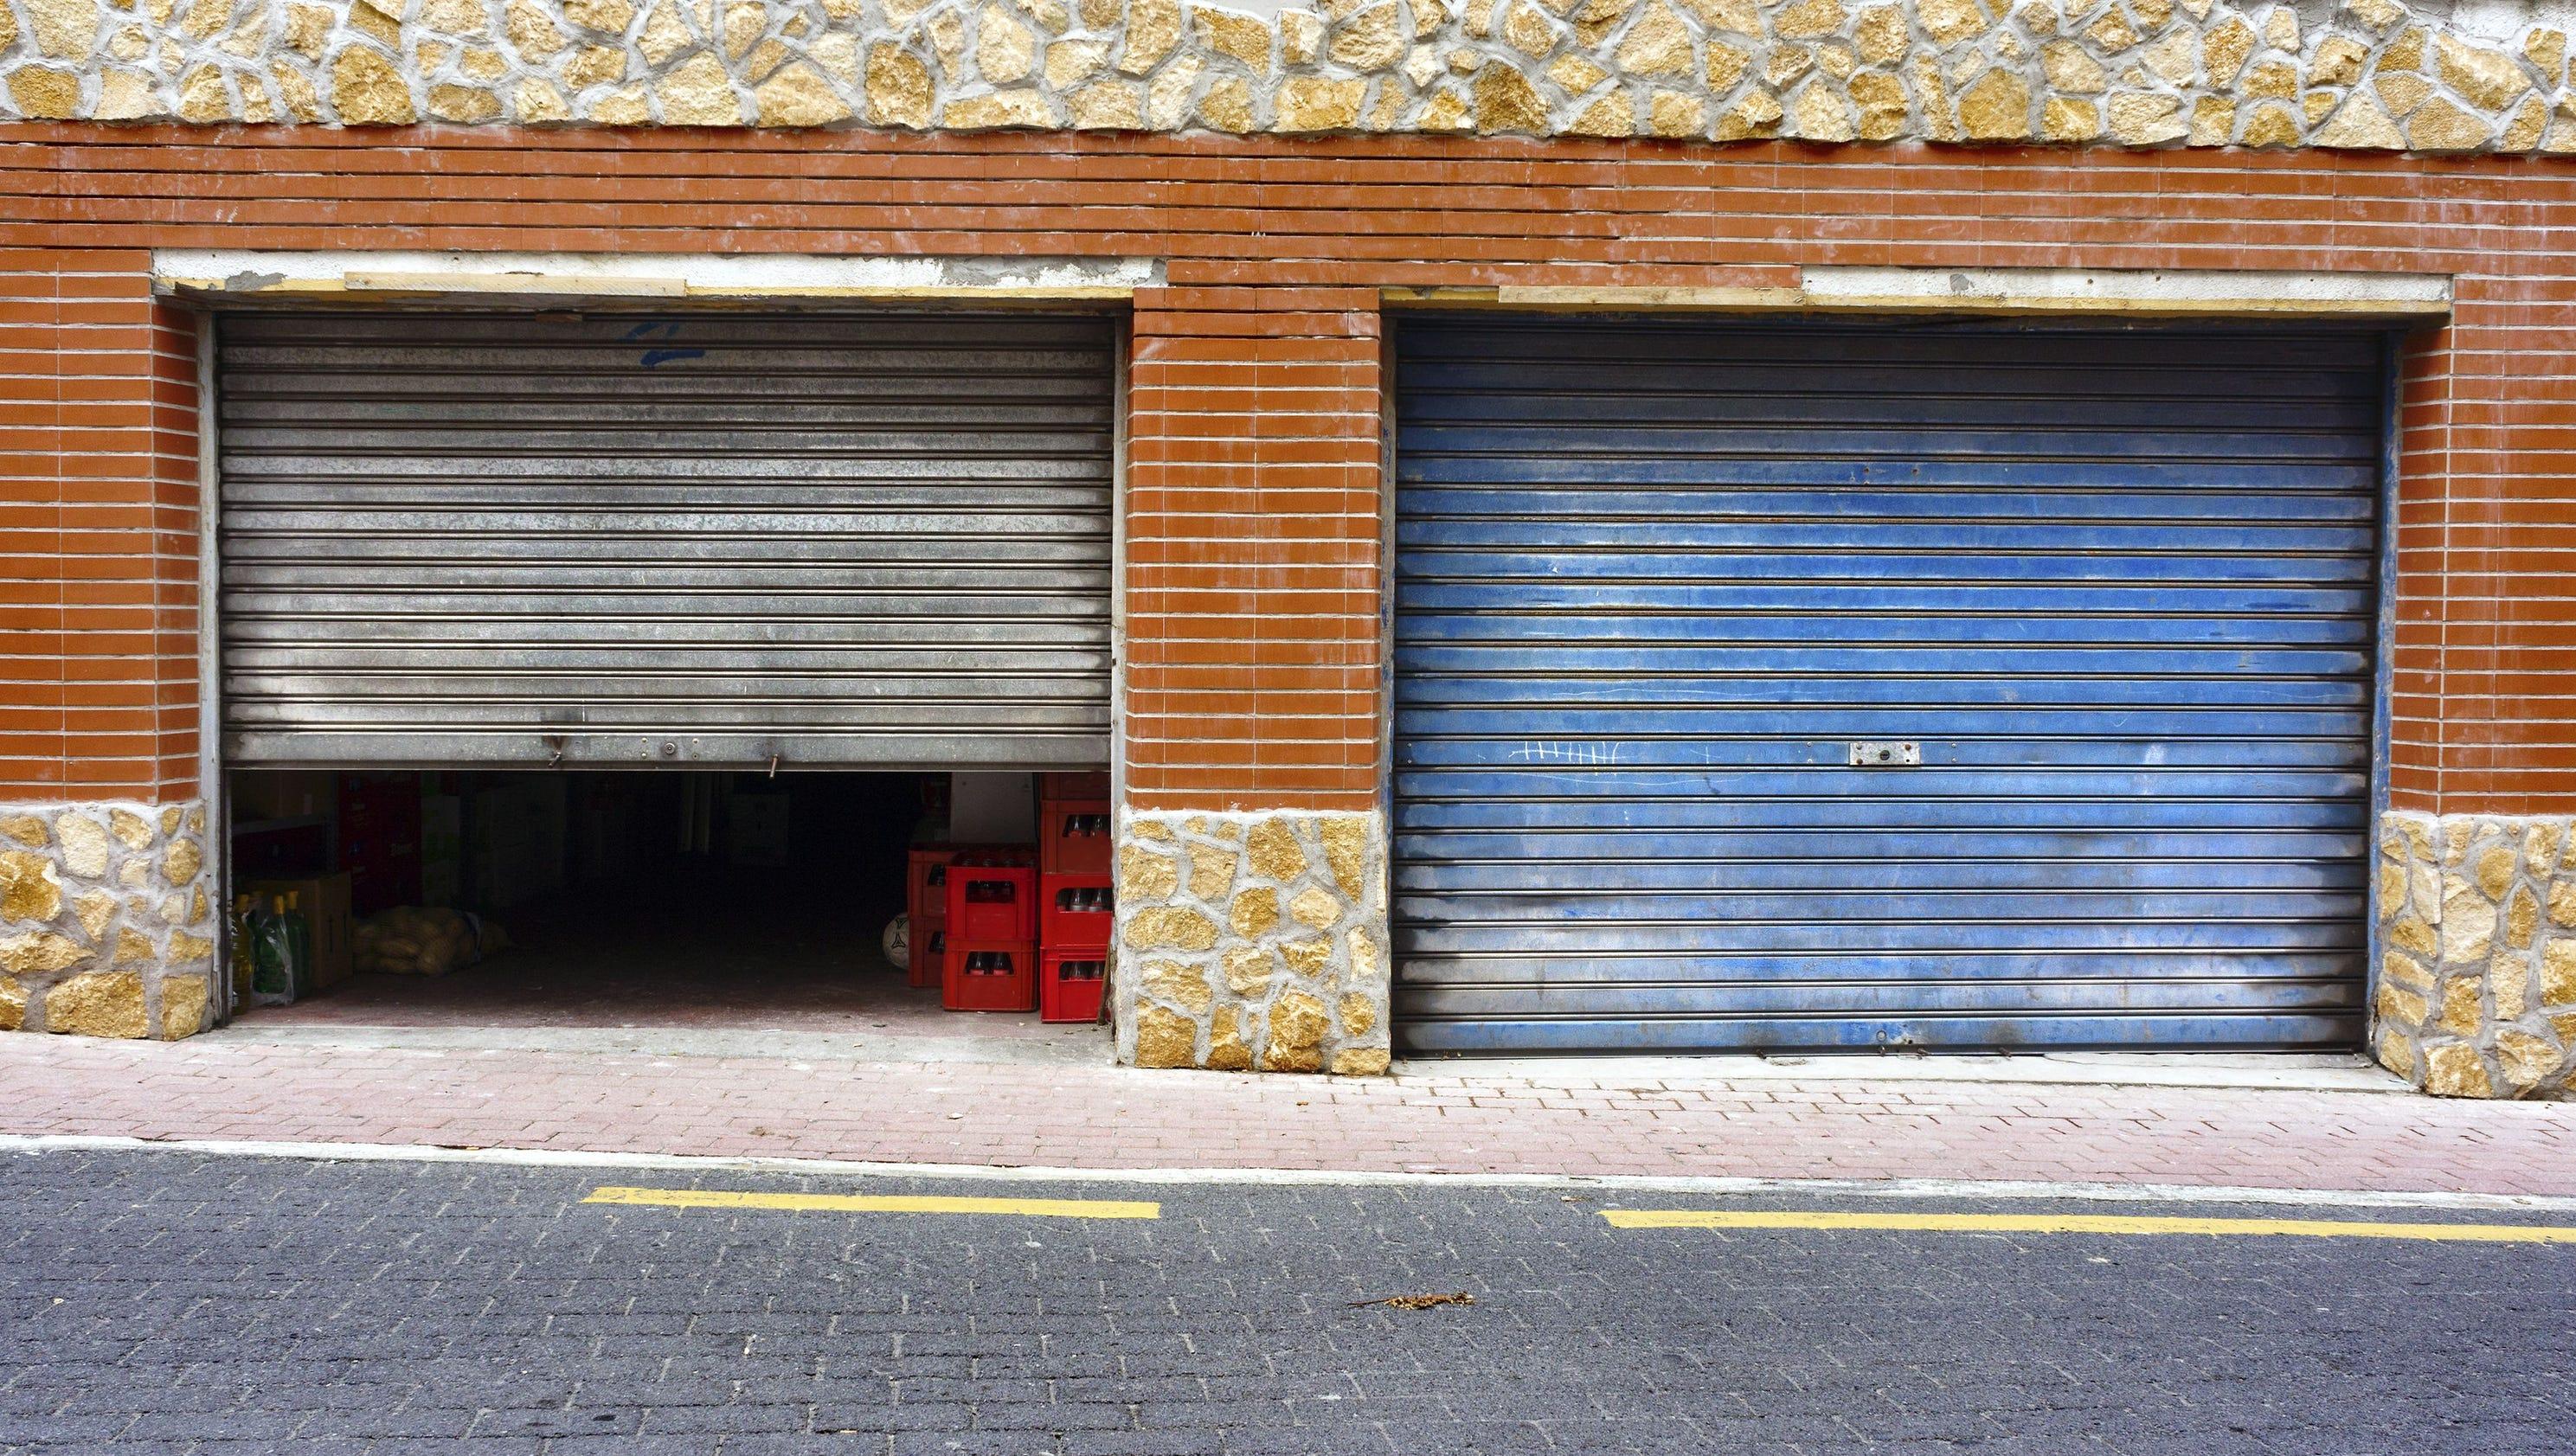 1680 #814222 Asked: Opening Garage Door A Bit Help Cool Inside? image Usa Garage Doors 36133200